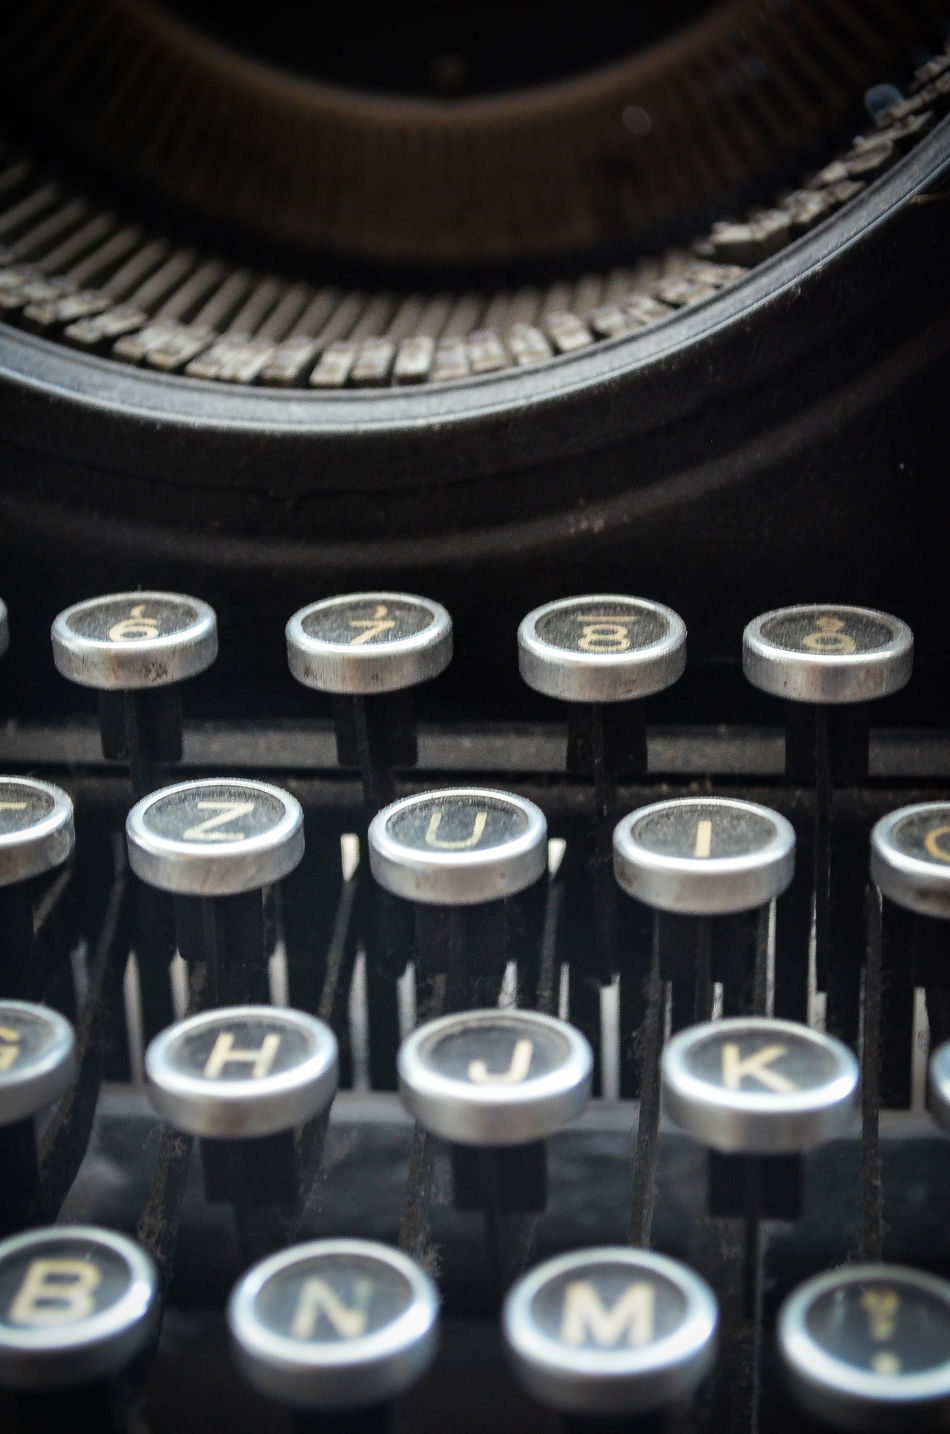 Schreibmaschine Writing Machine  Old Retro Makro Macro Schwarzweiß Blackandwhite